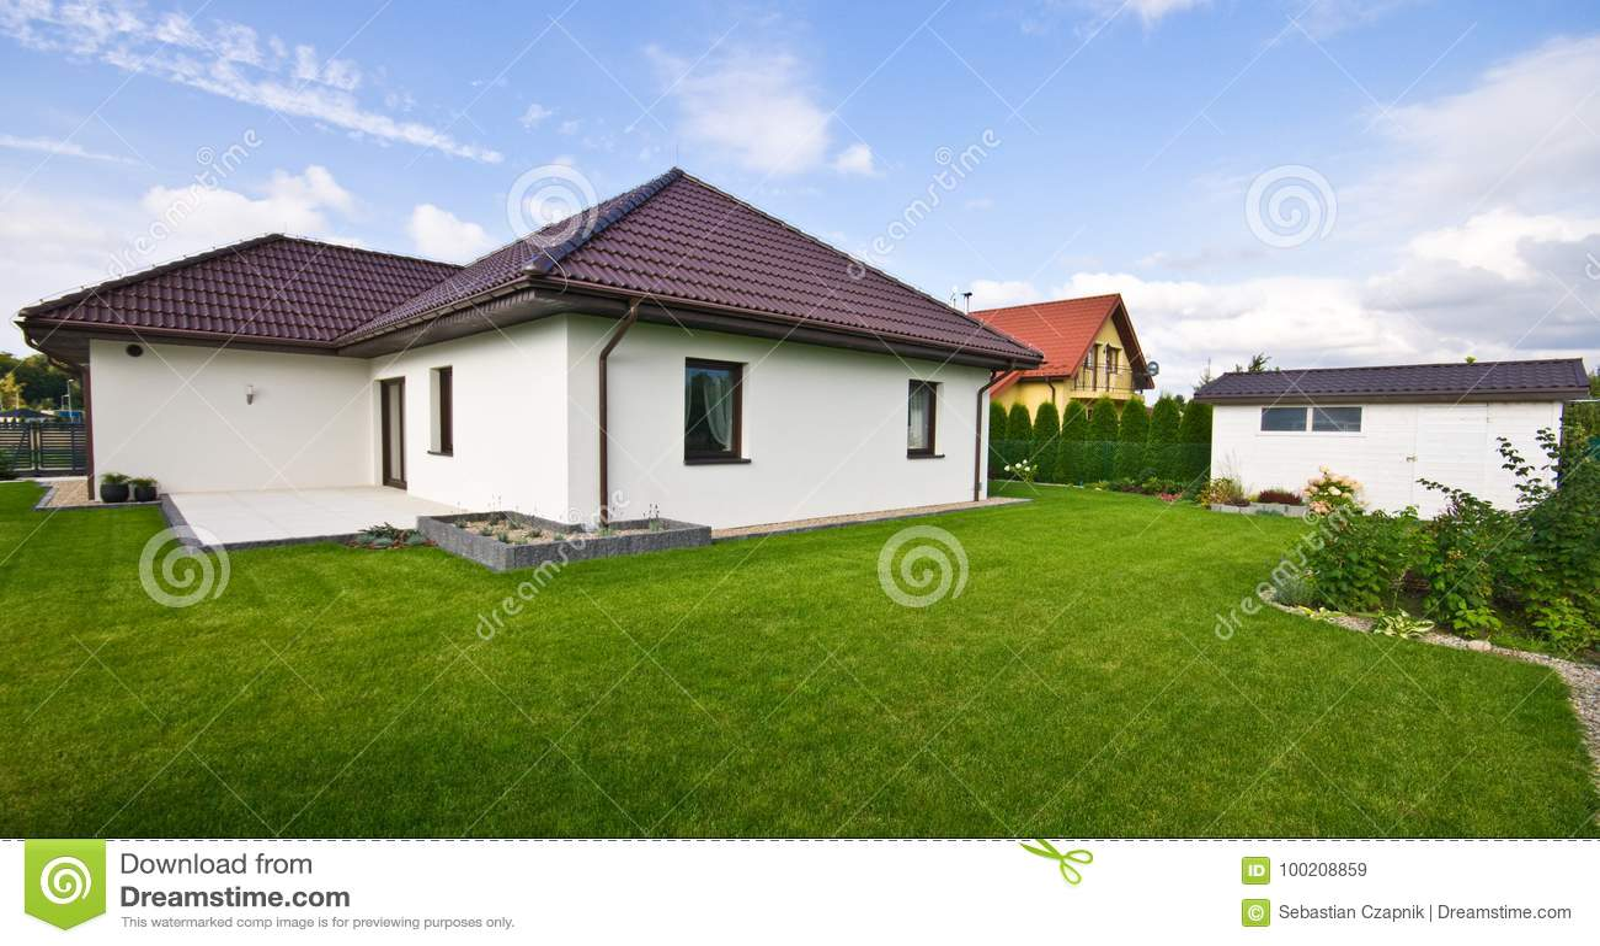 Εξωτερικό ενός σύγχρονου σπιτιού με την κομψή αρχιτεκτονική